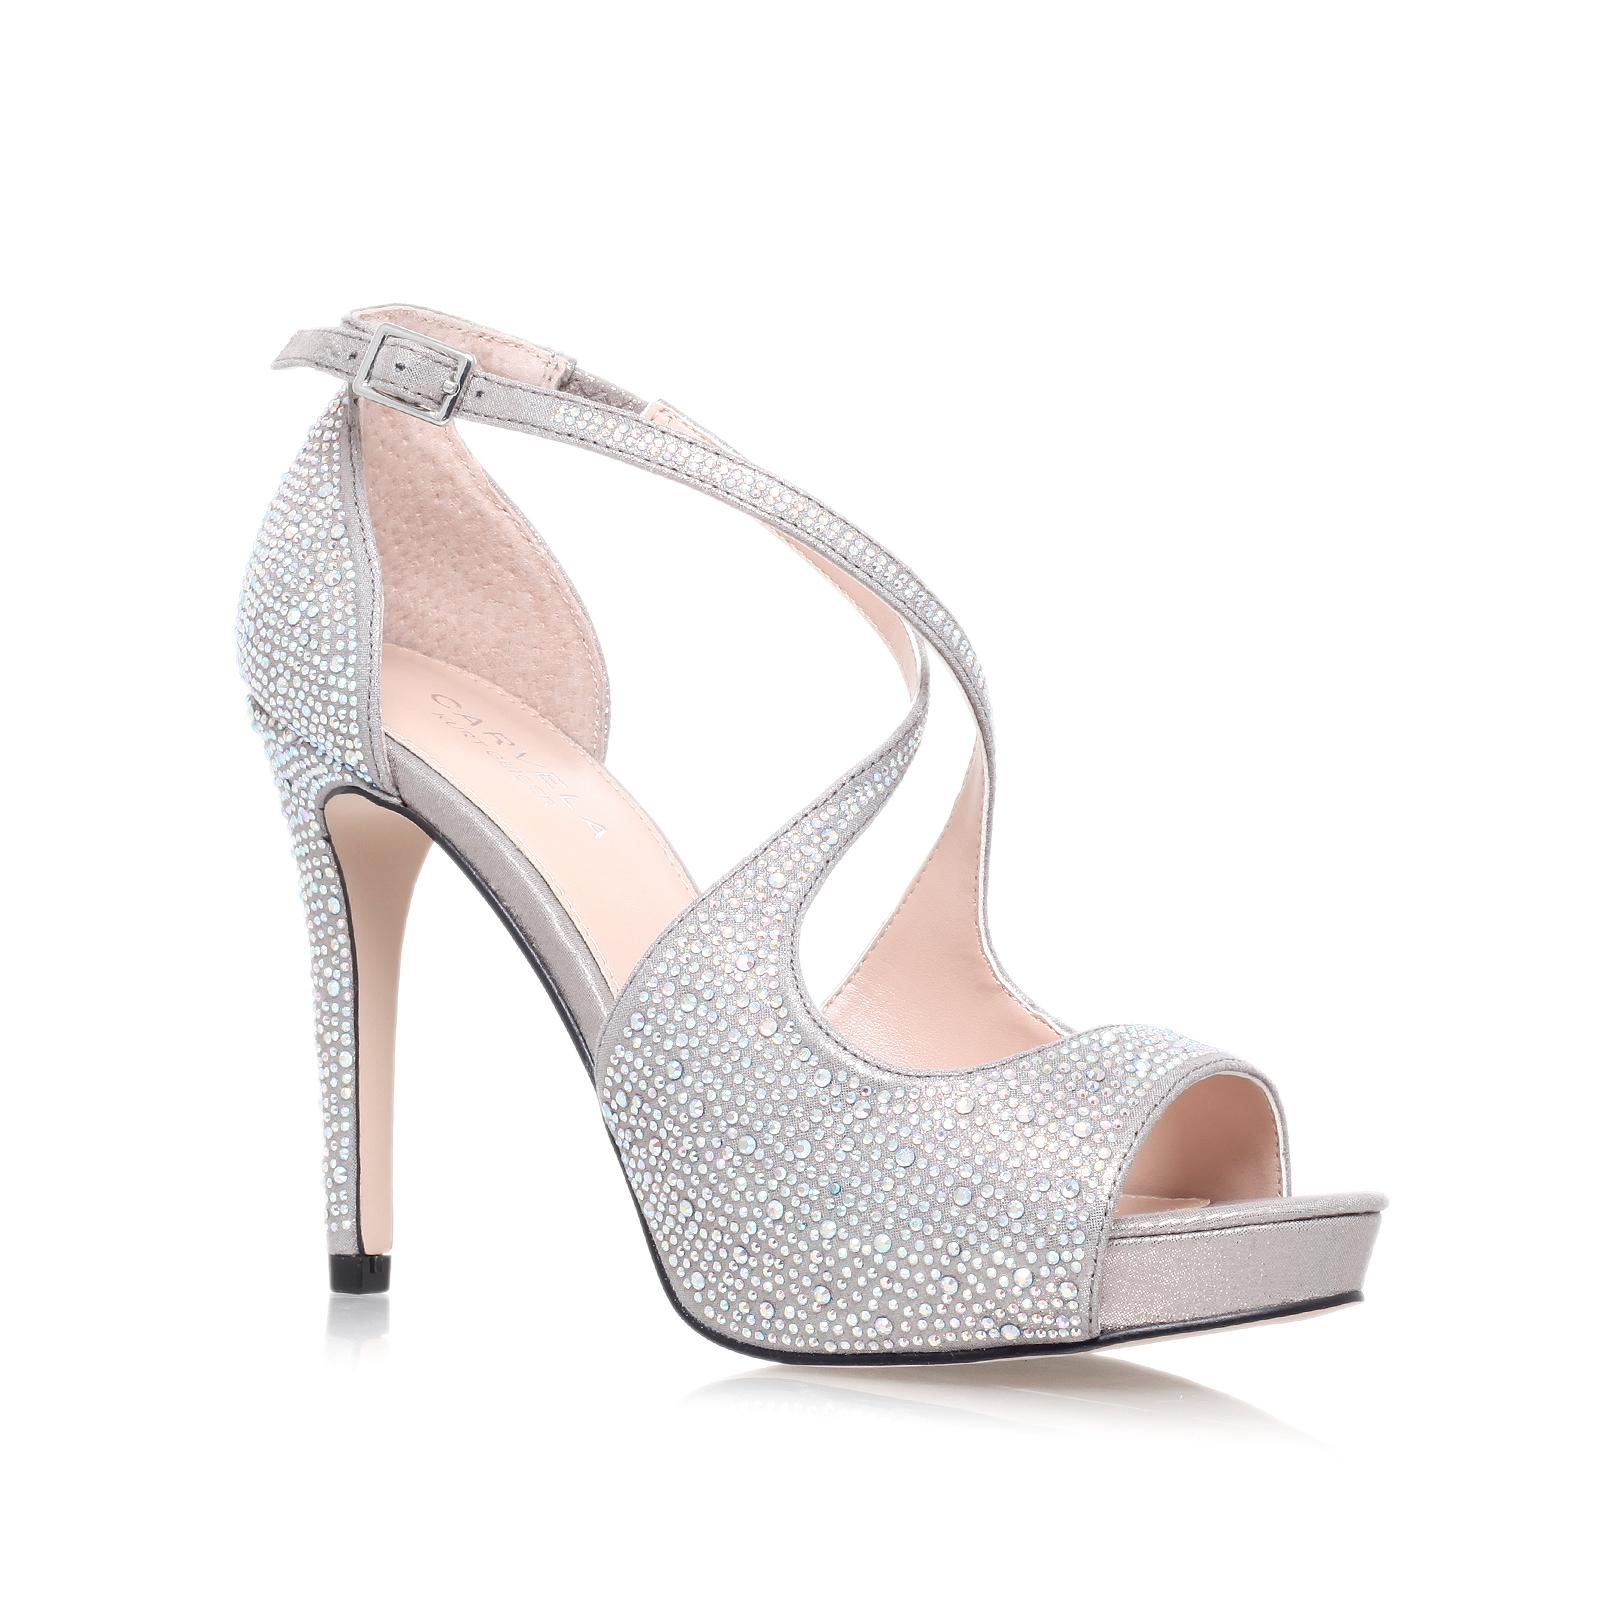 carvela kurt geiger gift high heel sandals in metallic save 21 lyst. Black Bedroom Furniture Sets. Home Design Ideas